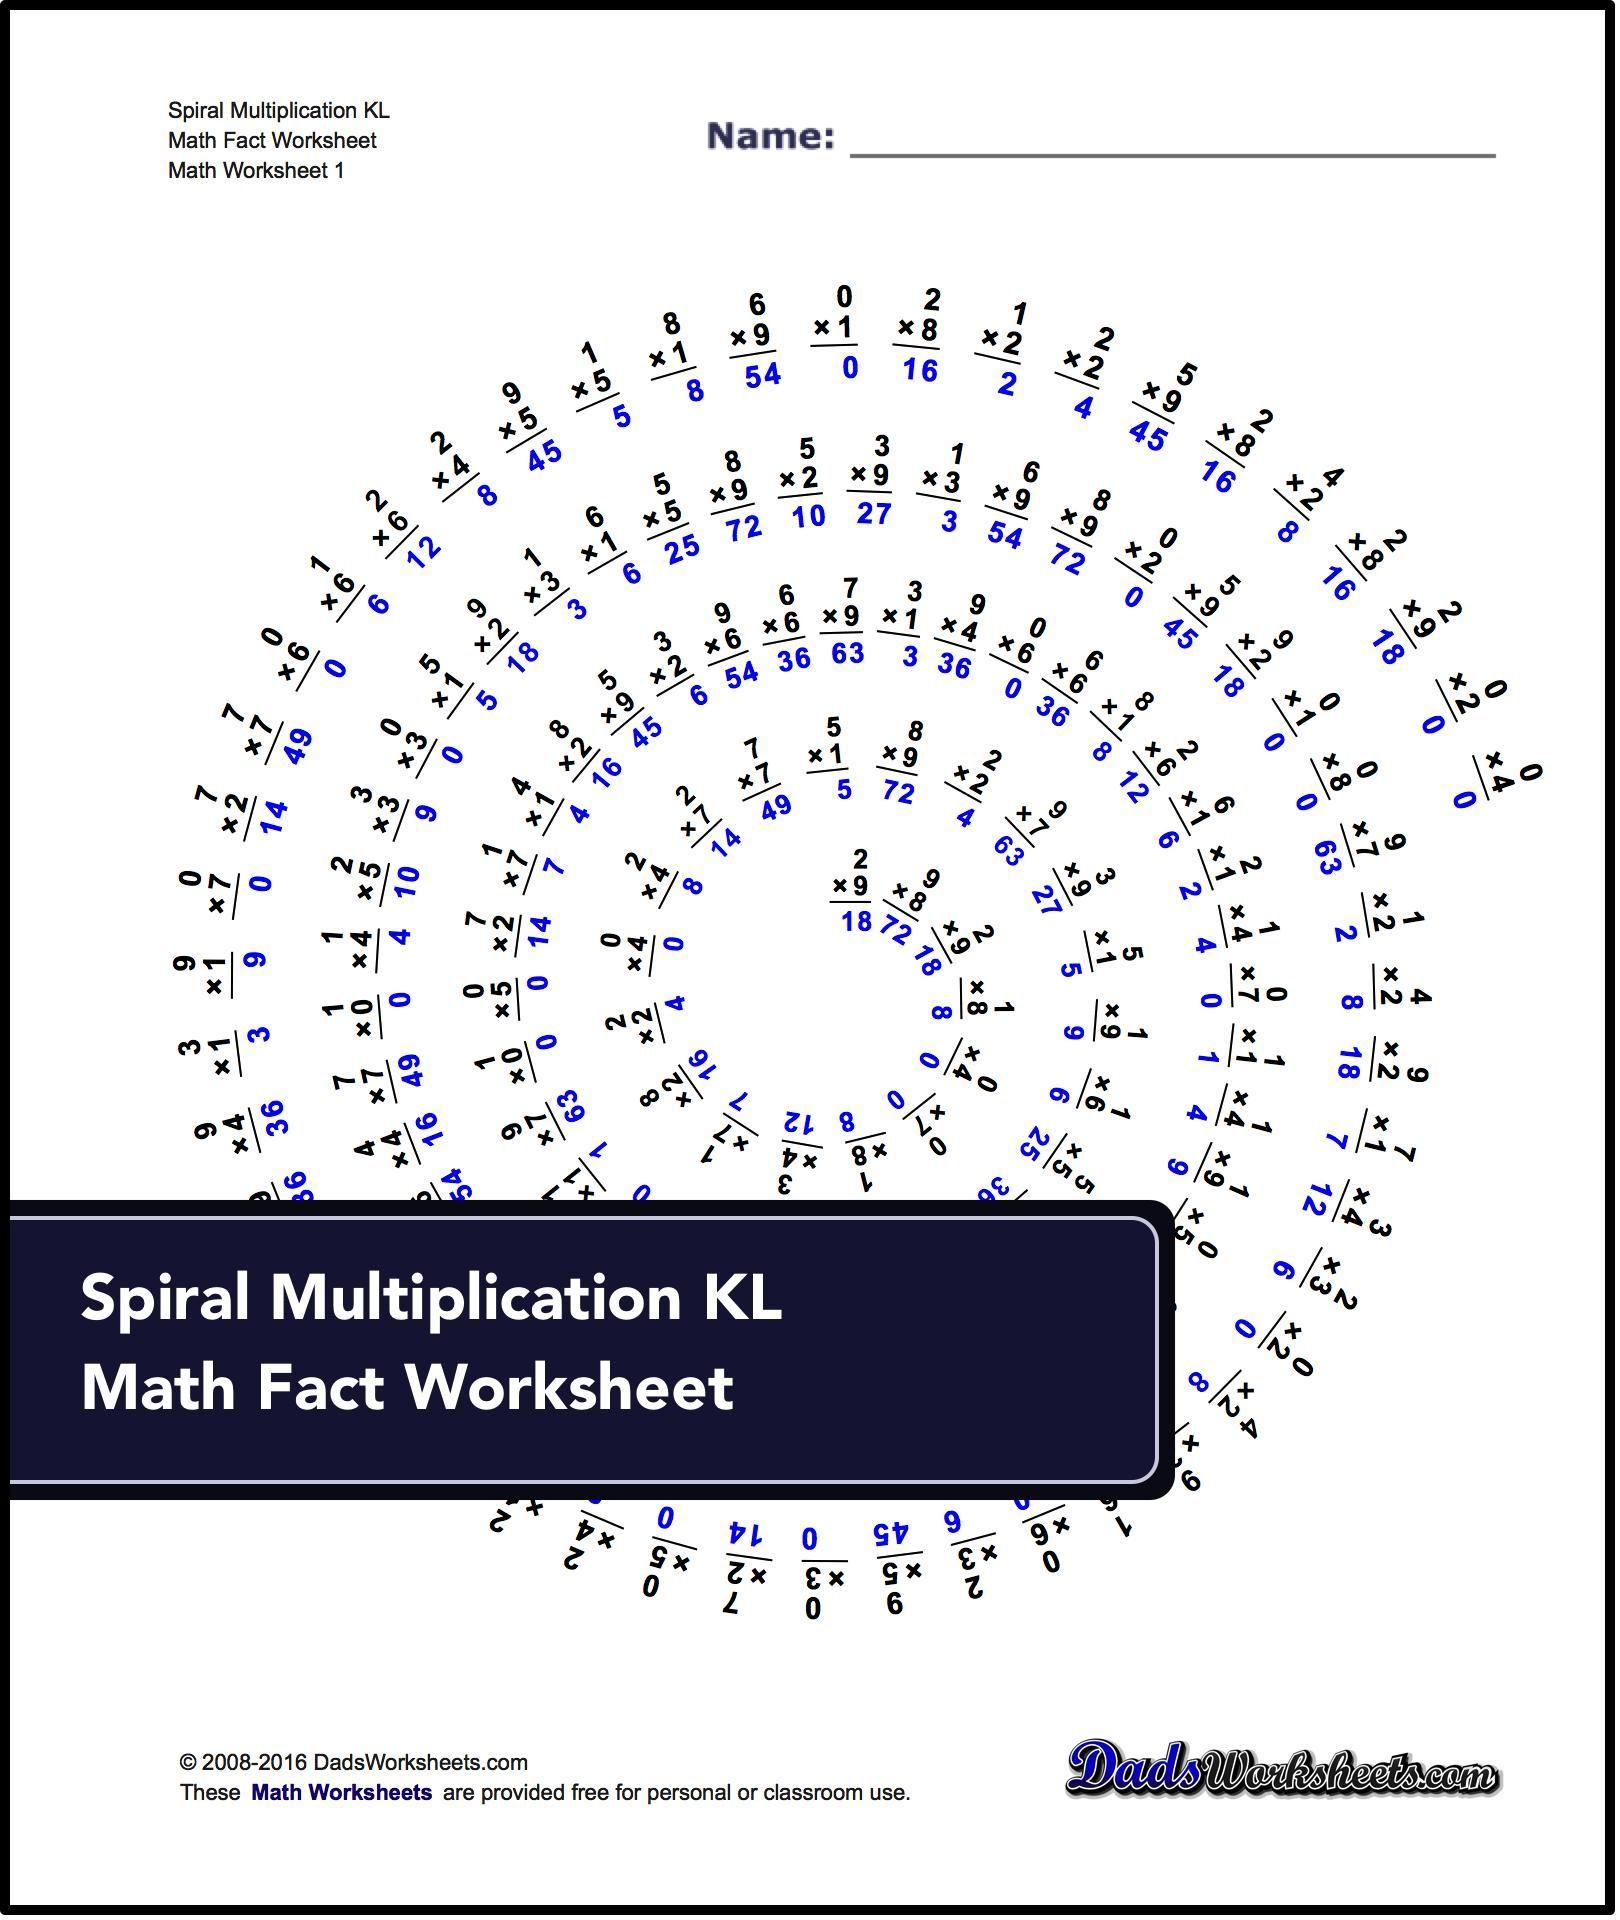 Multiplication Worksheets For Spiral Multiplication Kl